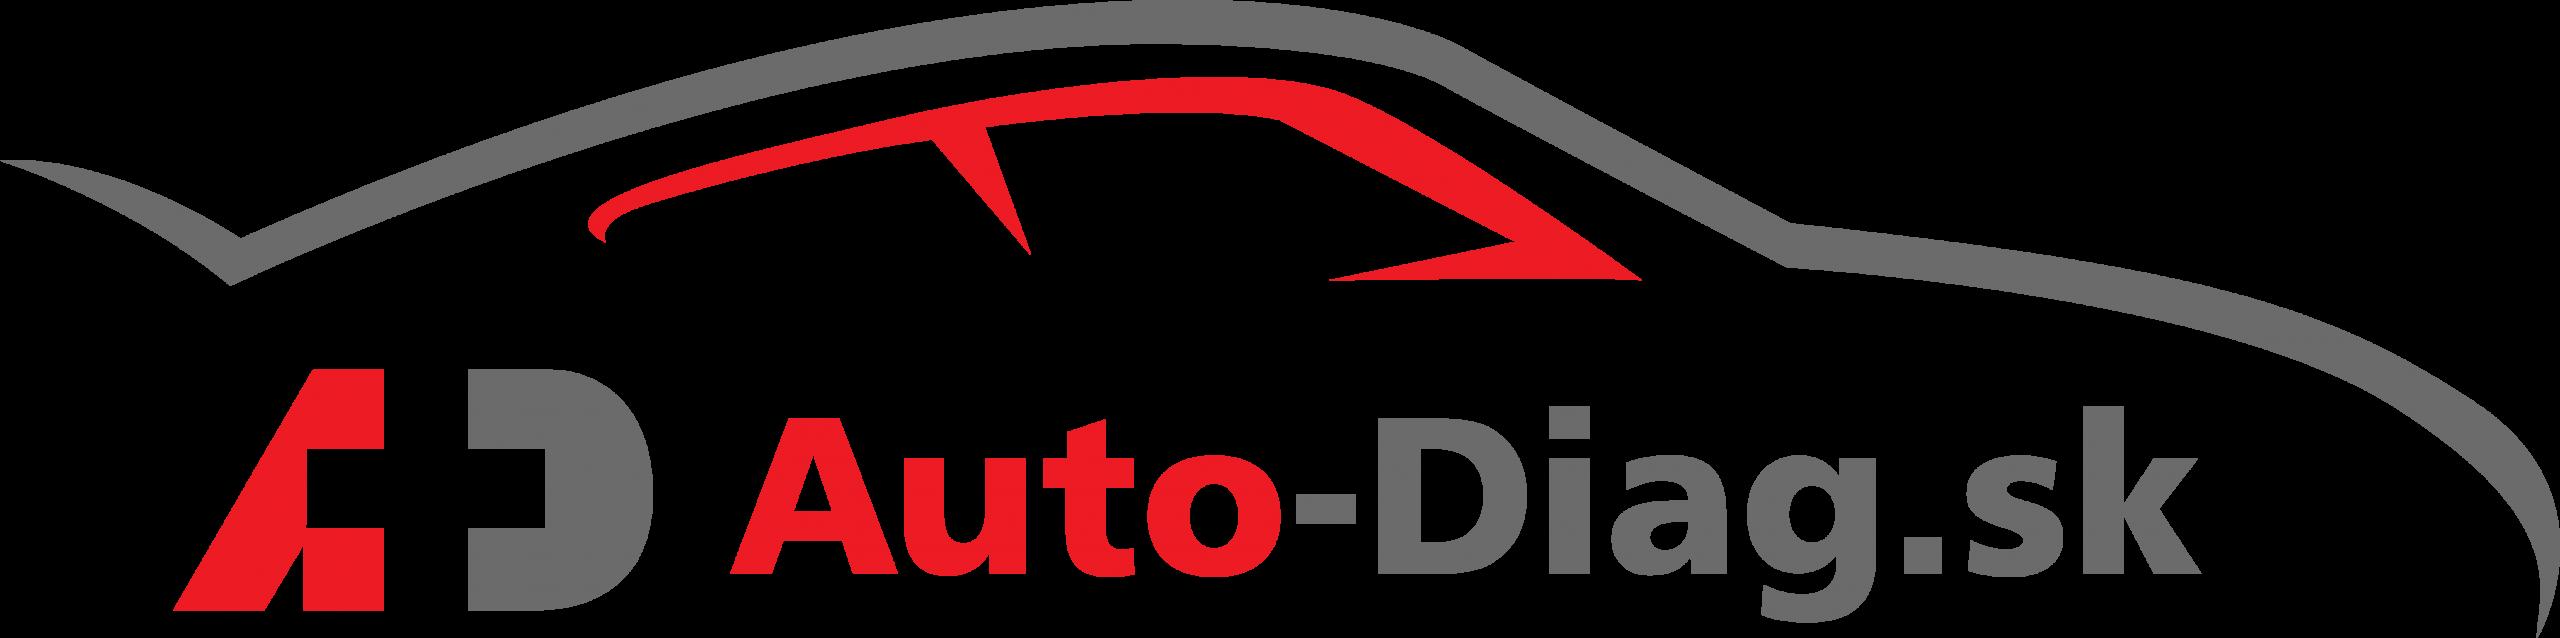 Auto-diag